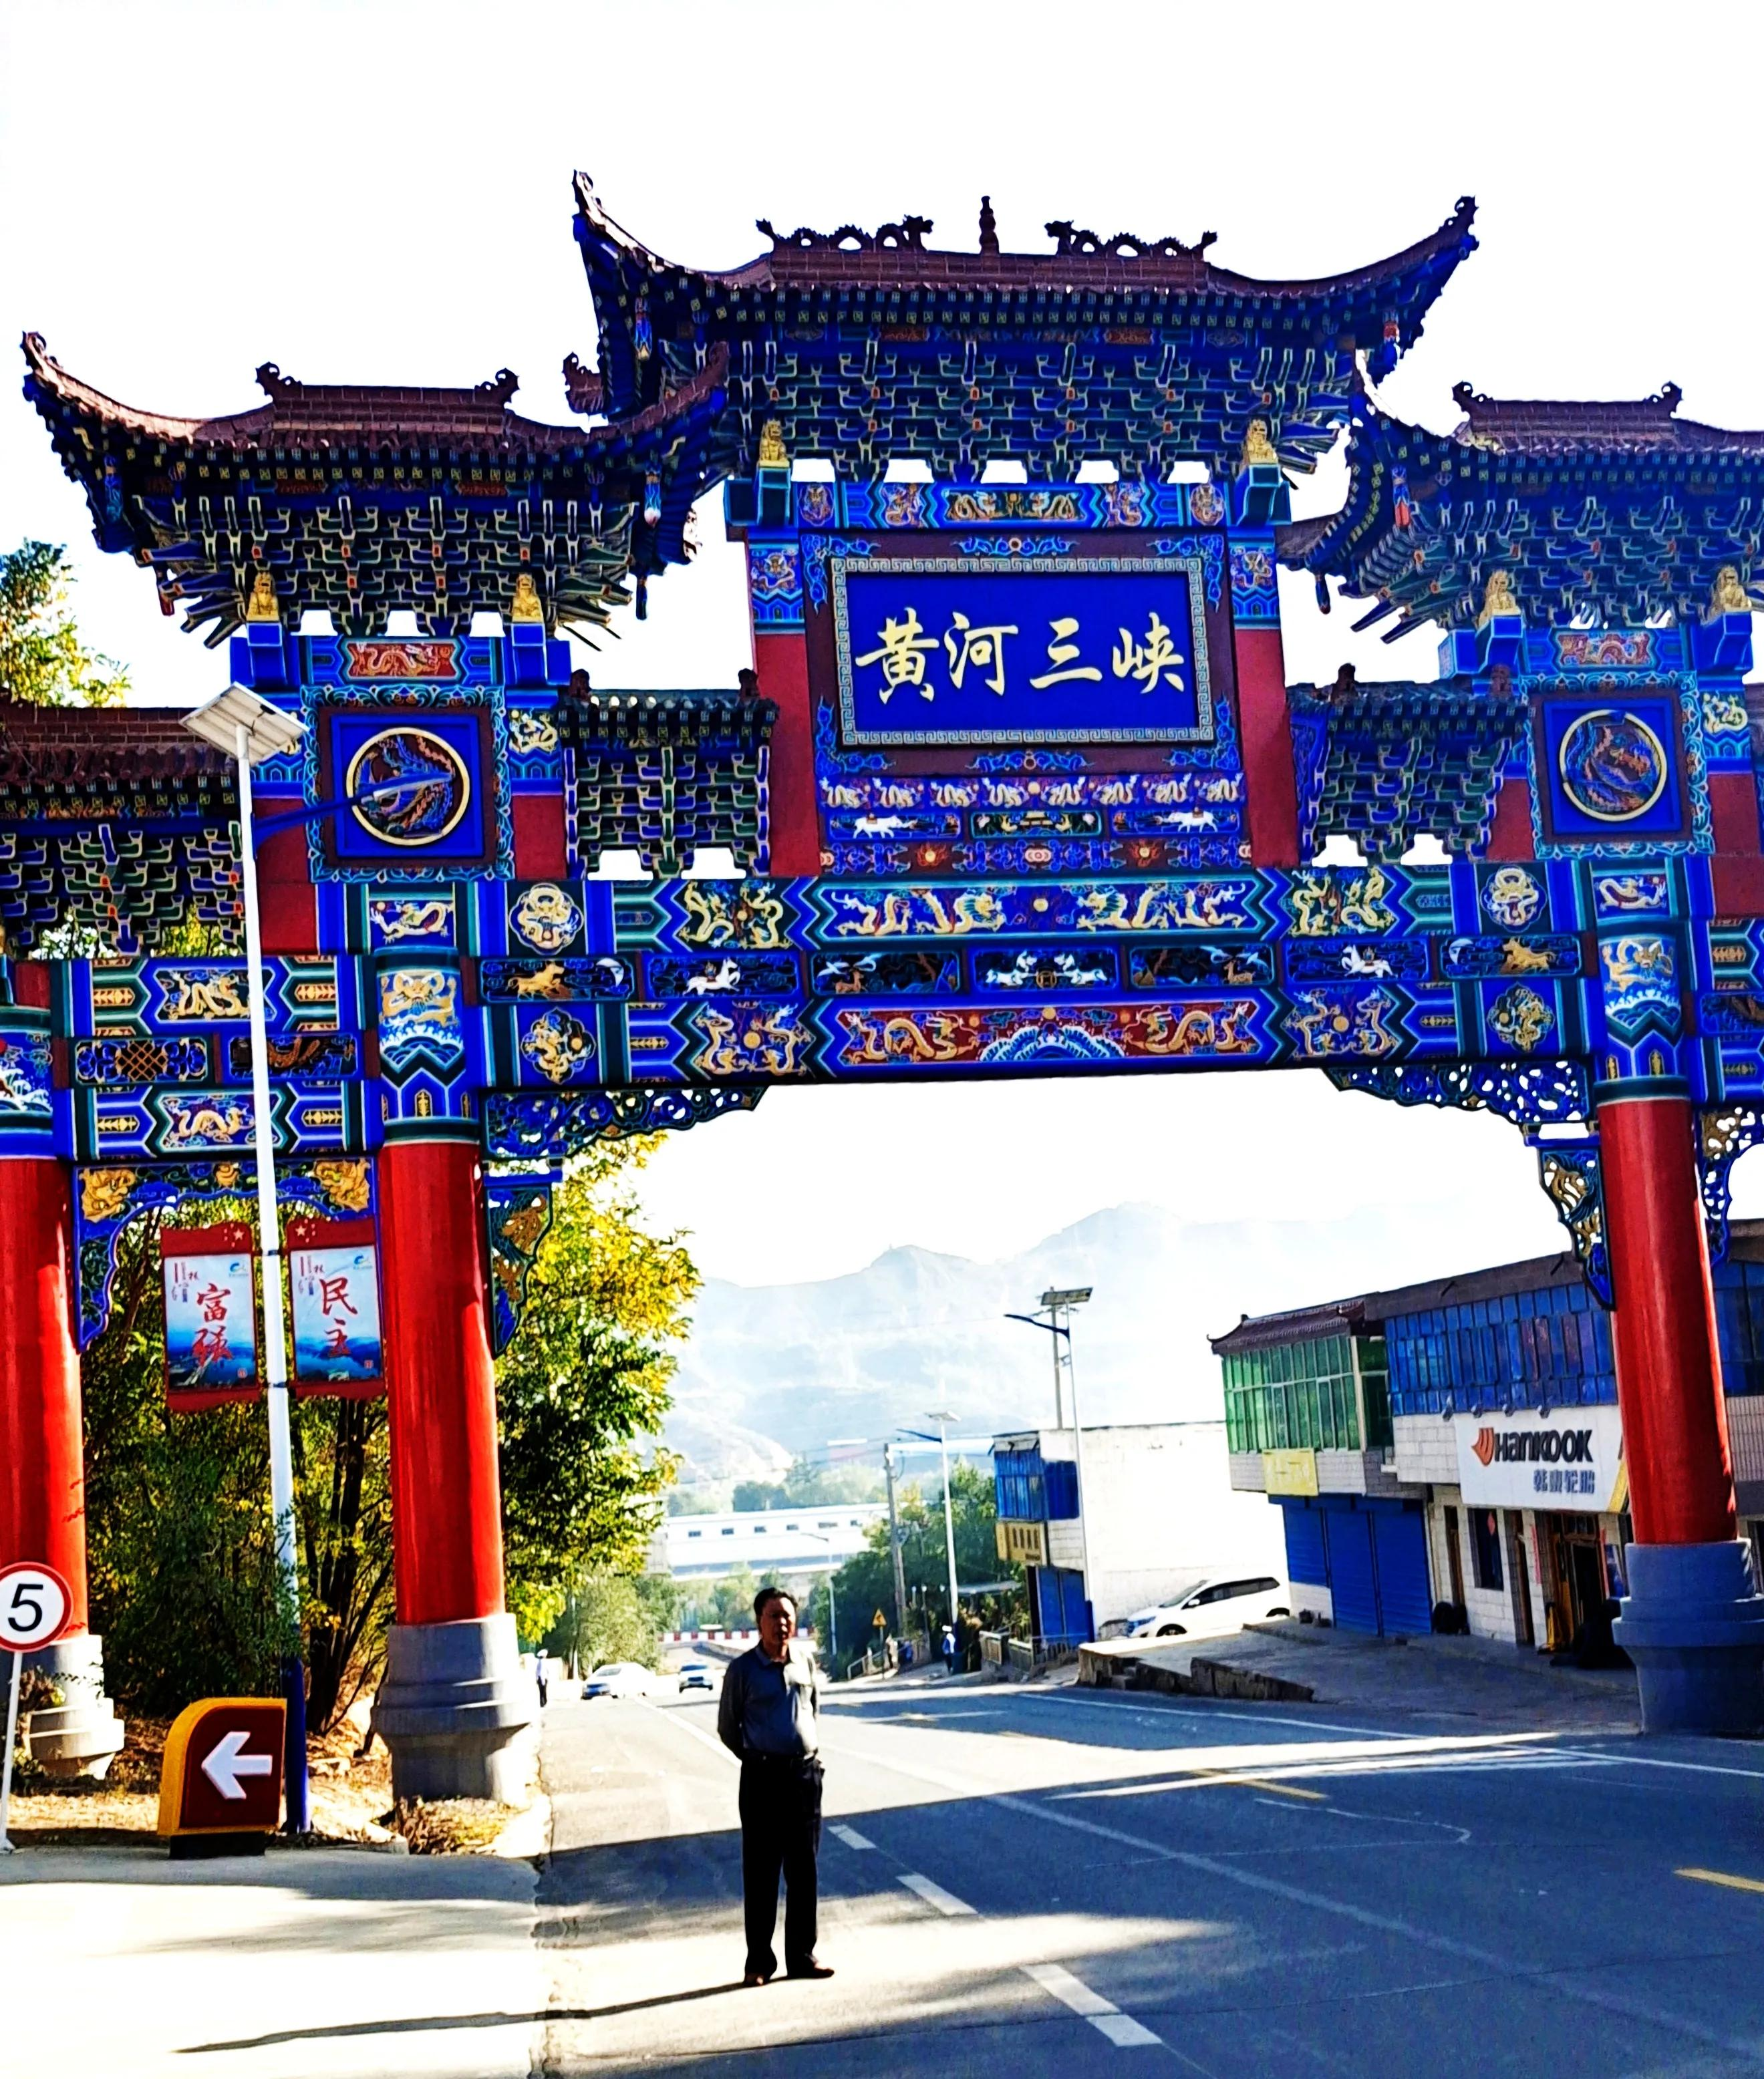 《今日头条》今天刊发了会宁县诗人李中旺的作品